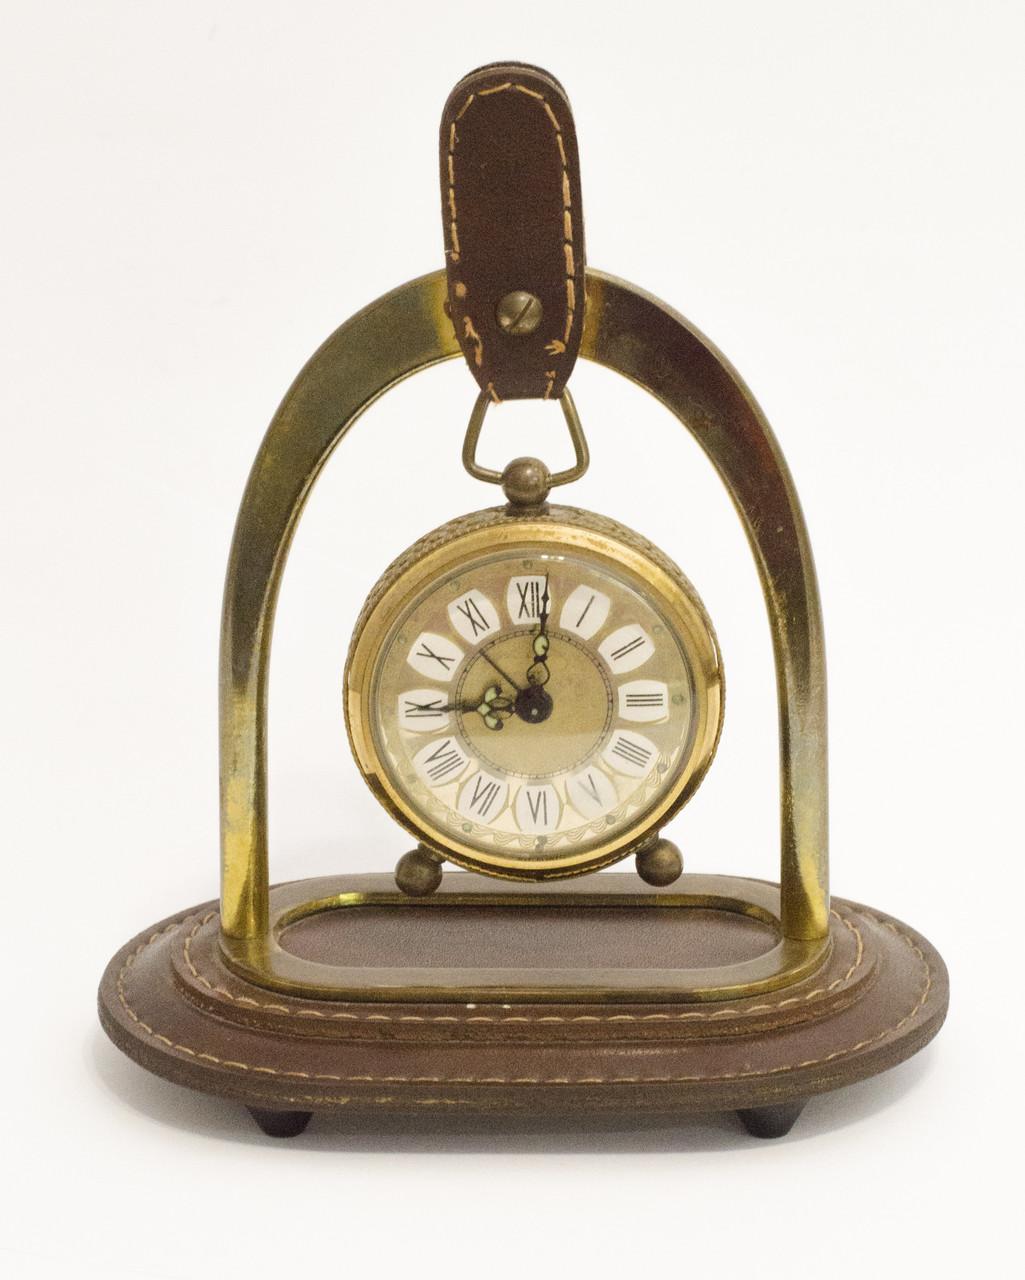 Старые часы в бронзовом корпусе, будильник на подставке, бронза, латунь, Германия